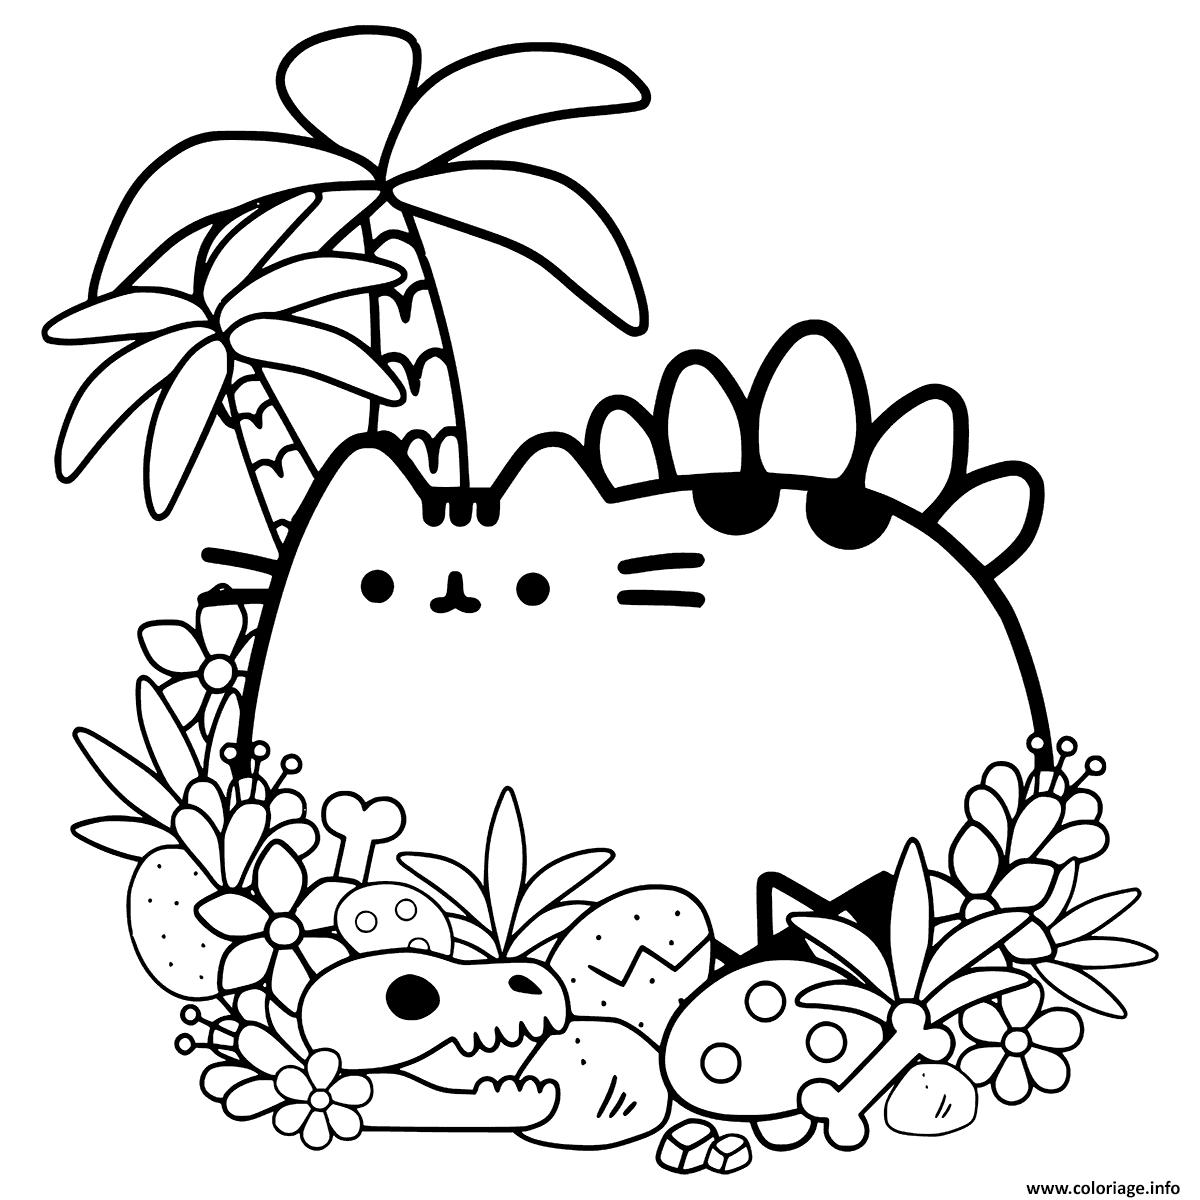 Dessin Pusheen Cave Cat Coloriage Gratuit à Imprimer